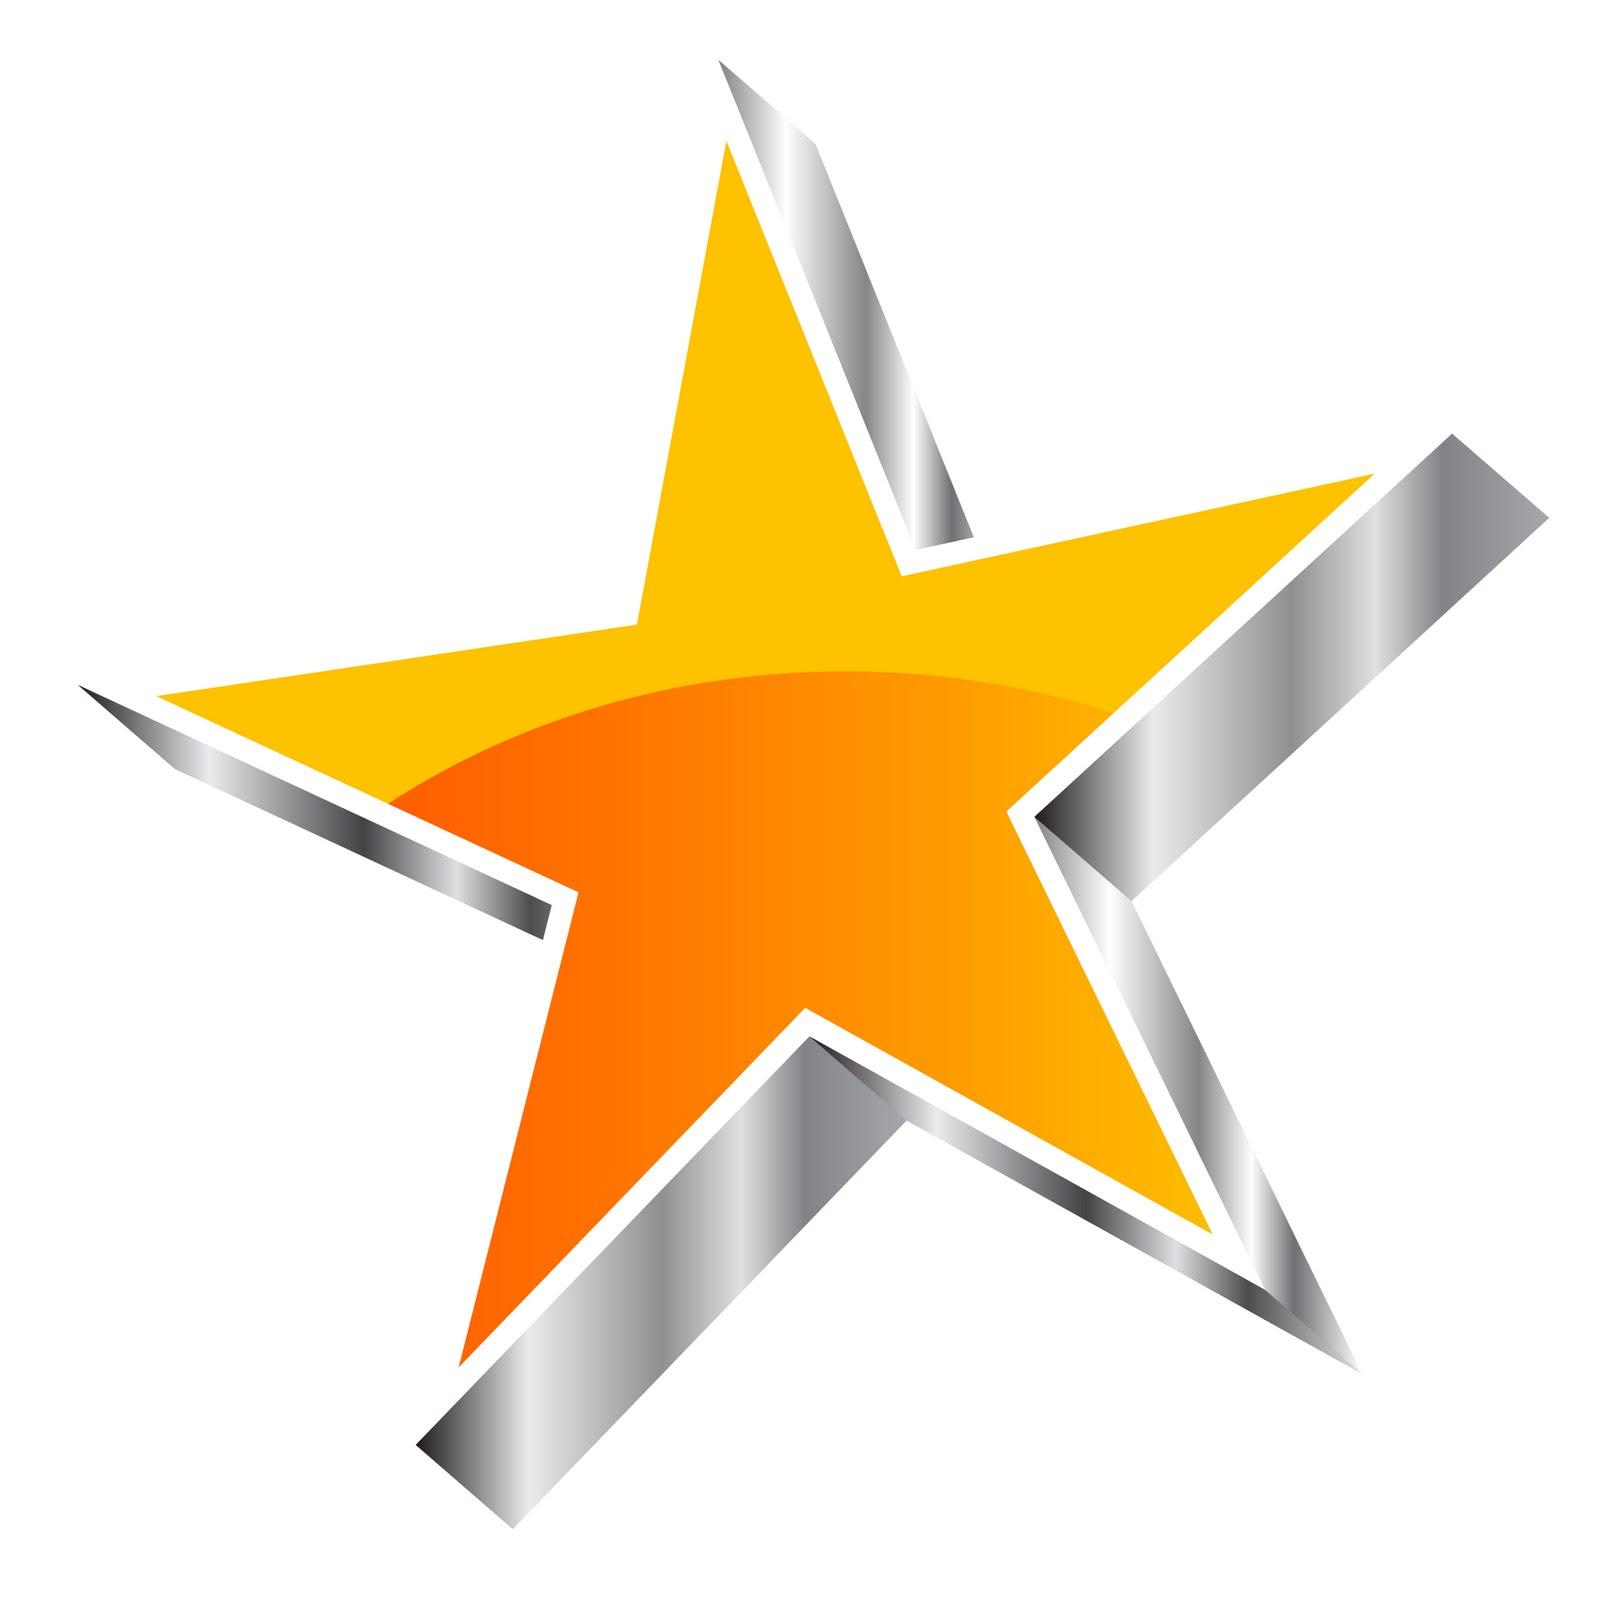 http://2.bp.blogspot.com/-tvf8vC6QBI0/T5Gs1OApn0I/AAAAAAAAFvk/LTrlwVVyXrU/s1600/vector-star-2.jpg